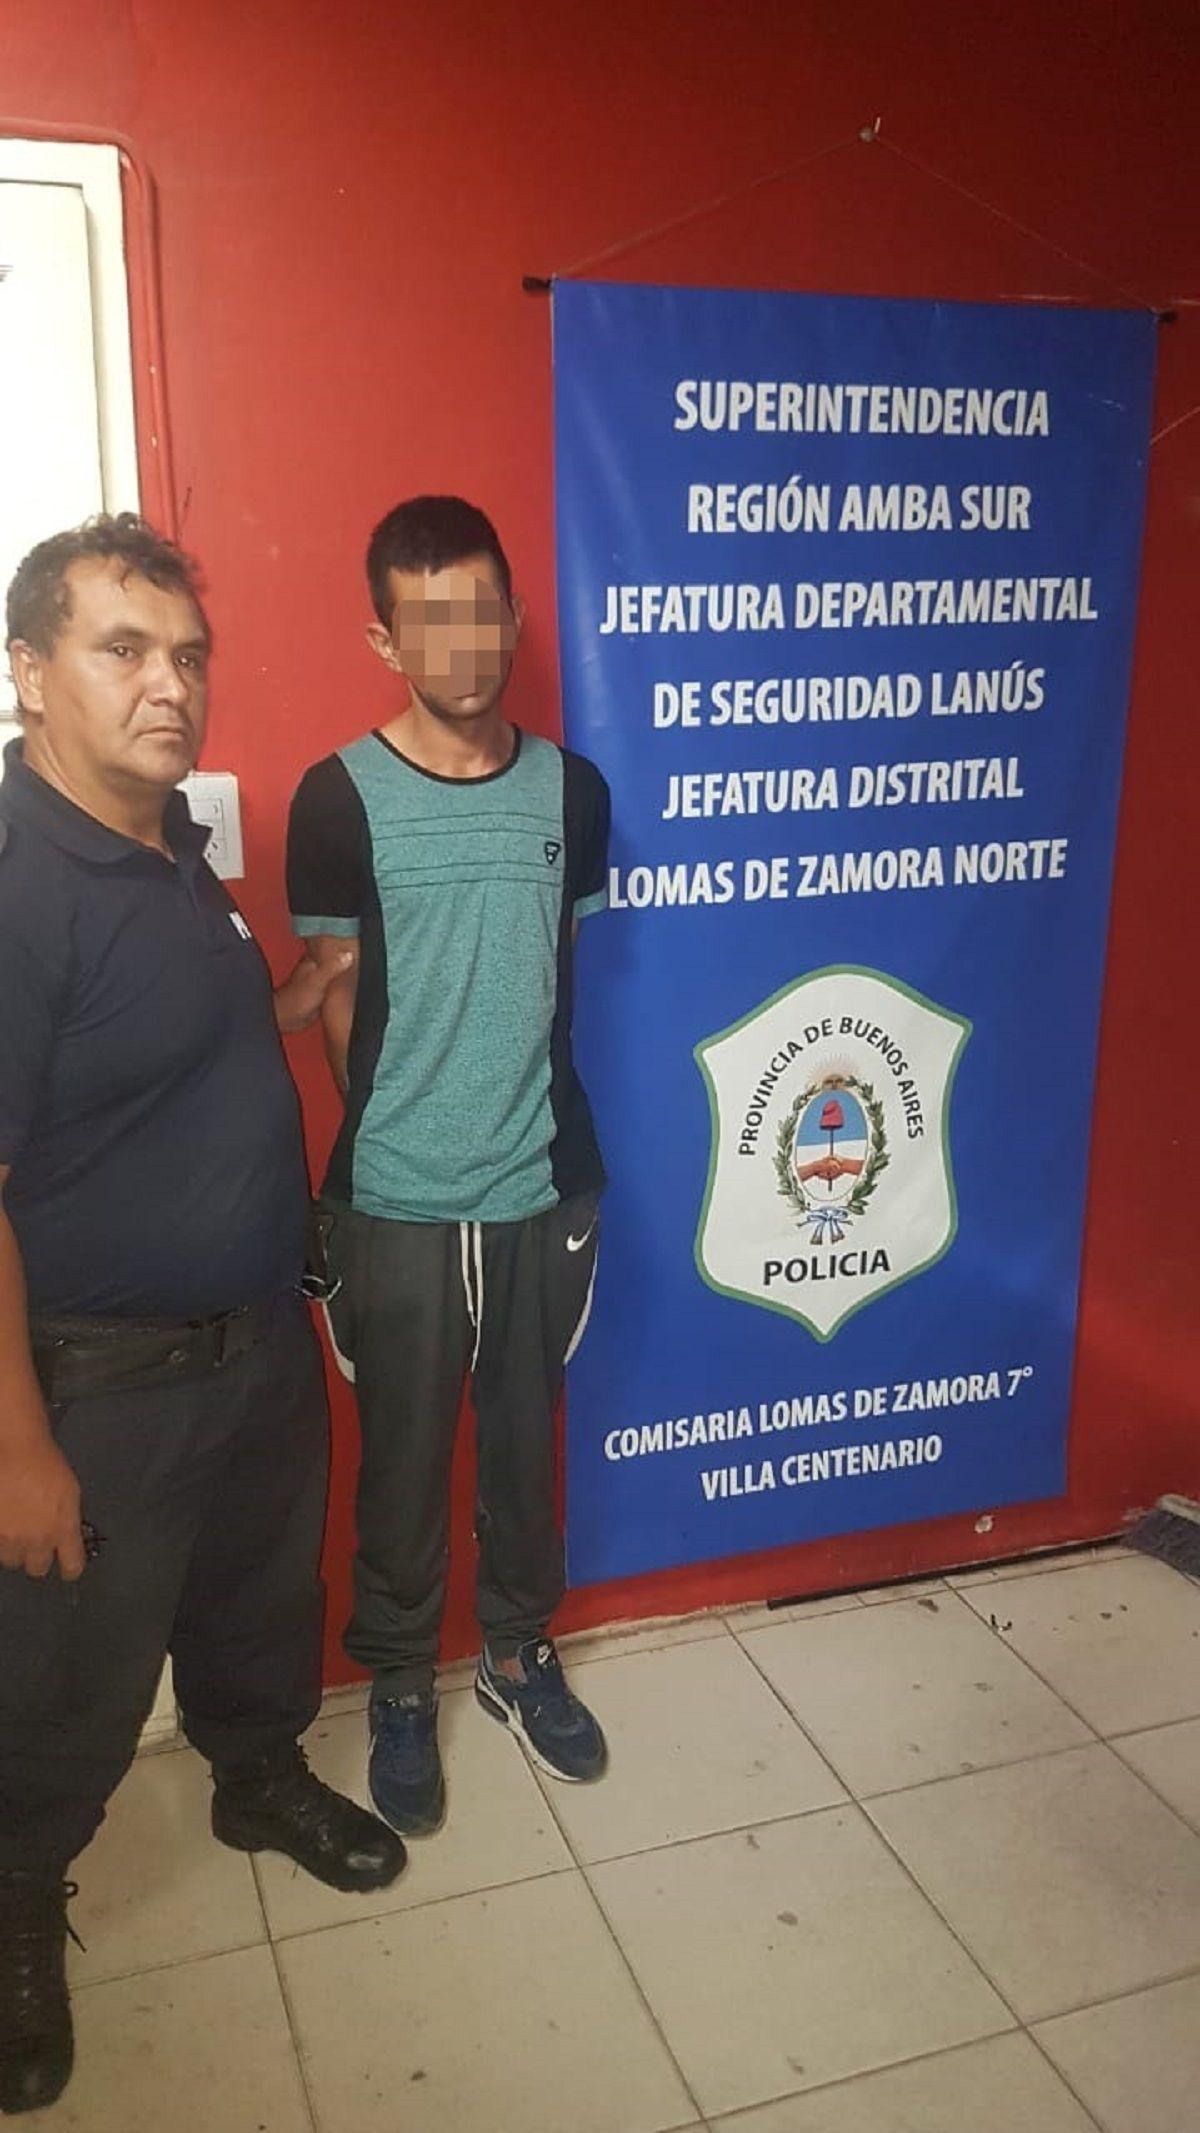 Detuvieron a un sospechoso por balear en la cabeza a un joven en Lomas de Zamora